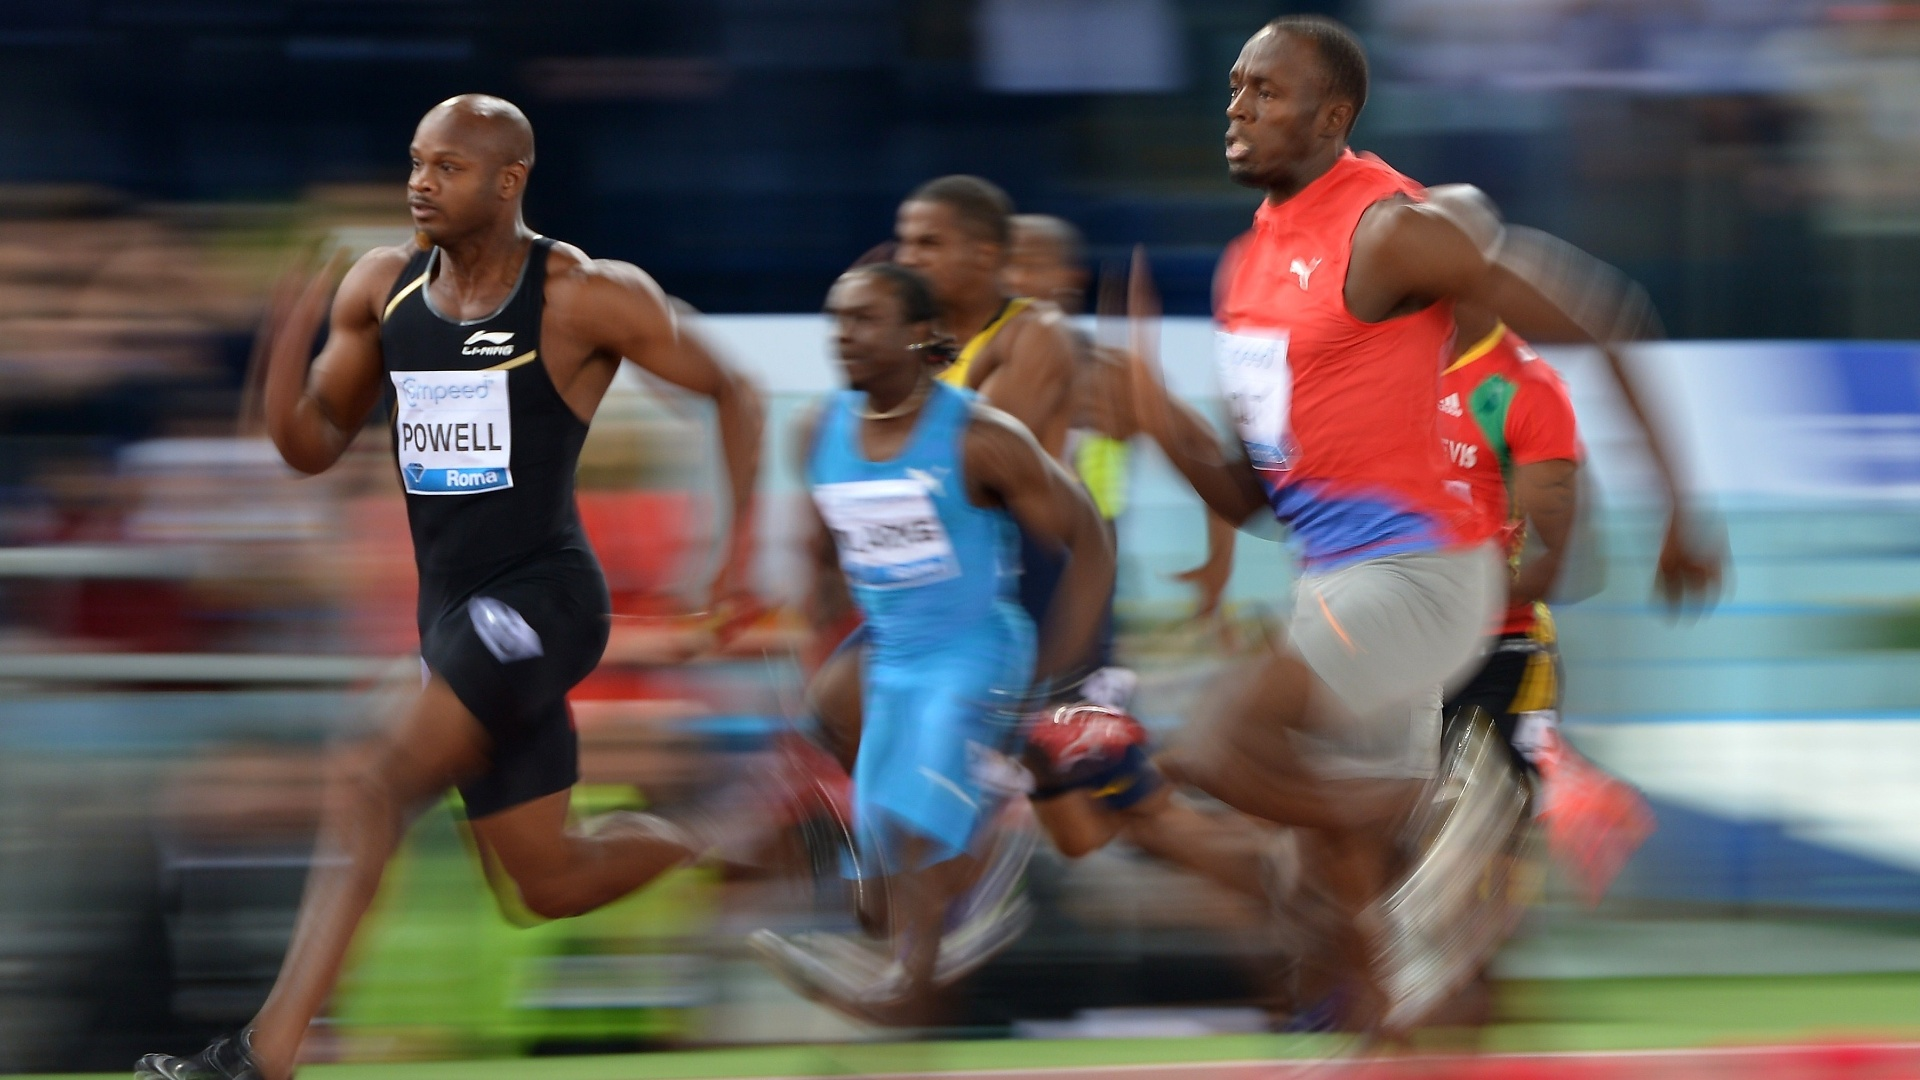 Foto mostra em detalhes o duelo particular entre Asafa Powell (e) e Usain Bolt nos 100 m na Liga de Diamante, em Roma (31/05/2012)